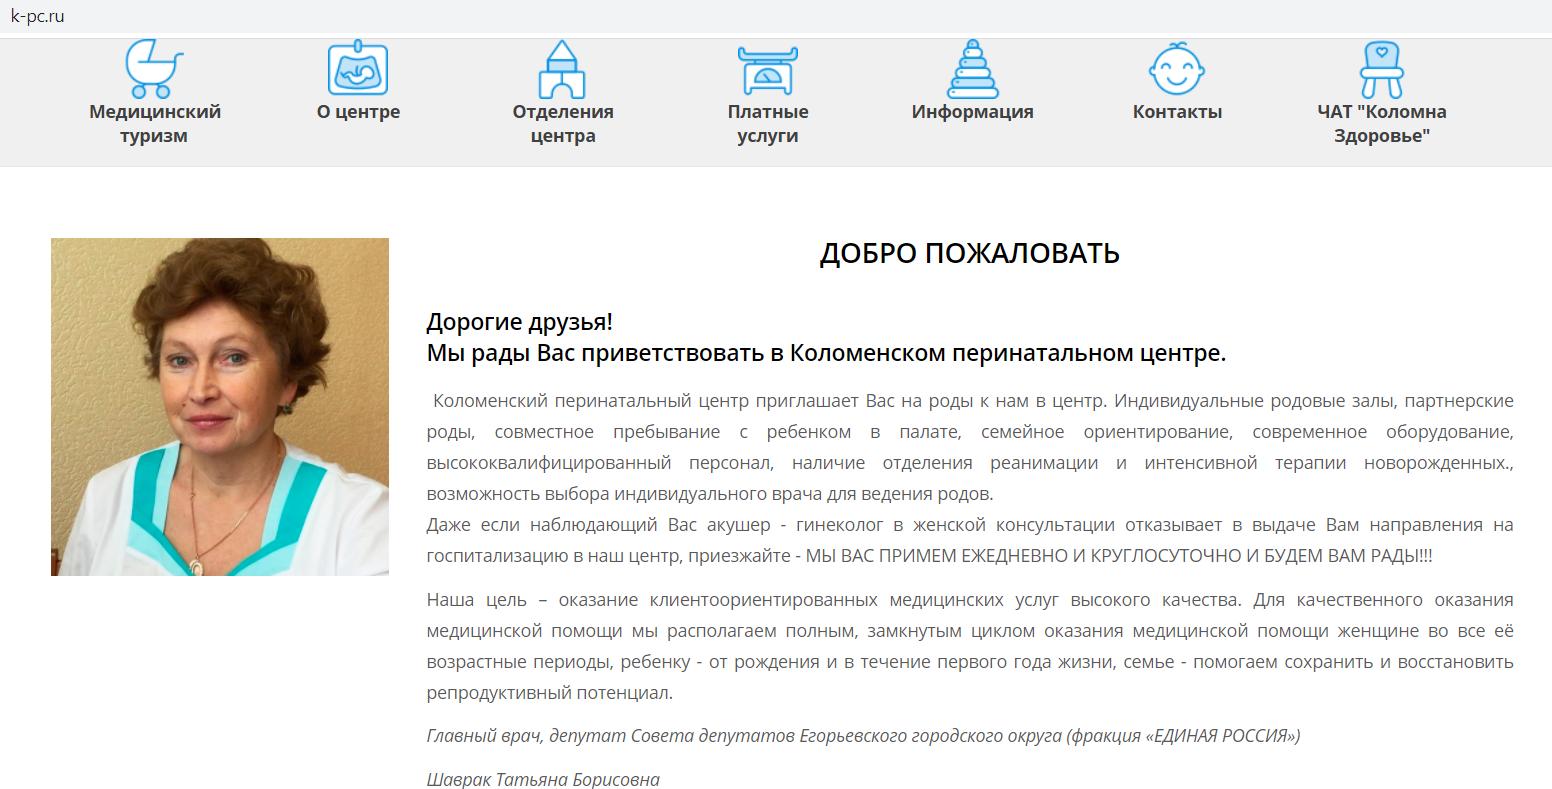 Скриншот с сайта КПЦ